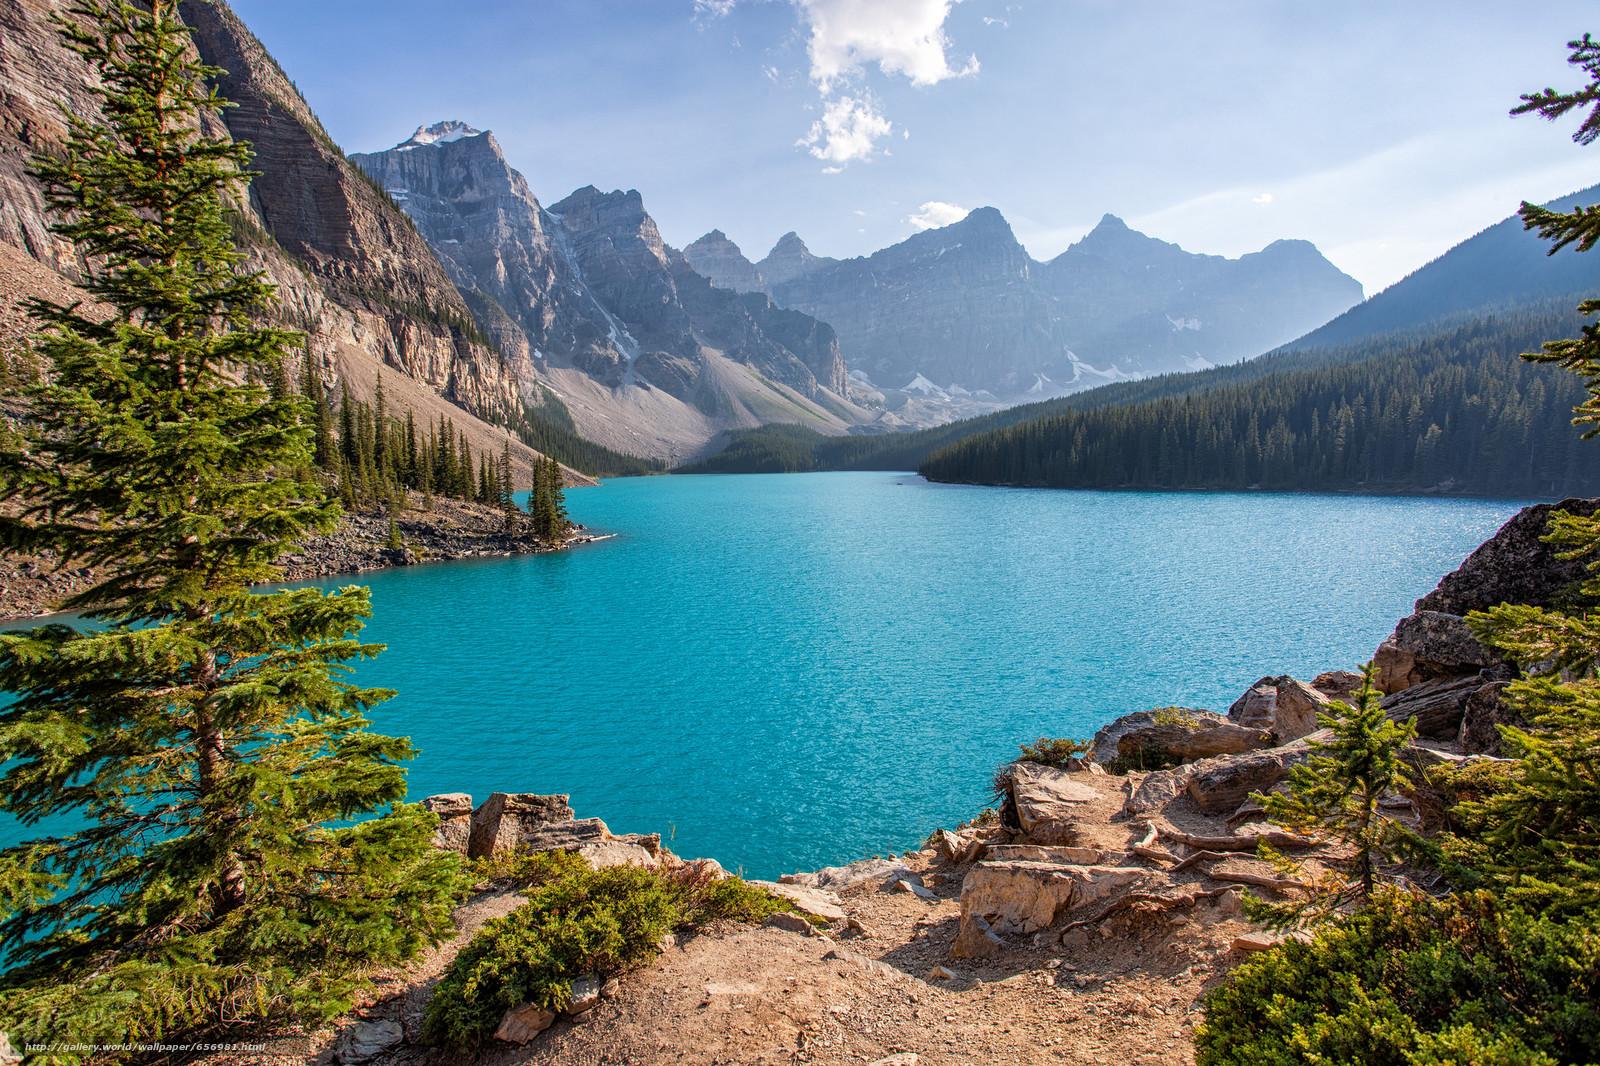 Download Hintergrund Moraine Lake,  Banff National Park,  Alberta,  Kanada Freie desktop Tapeten in der Auflosung 2048x1365 — bild №656981